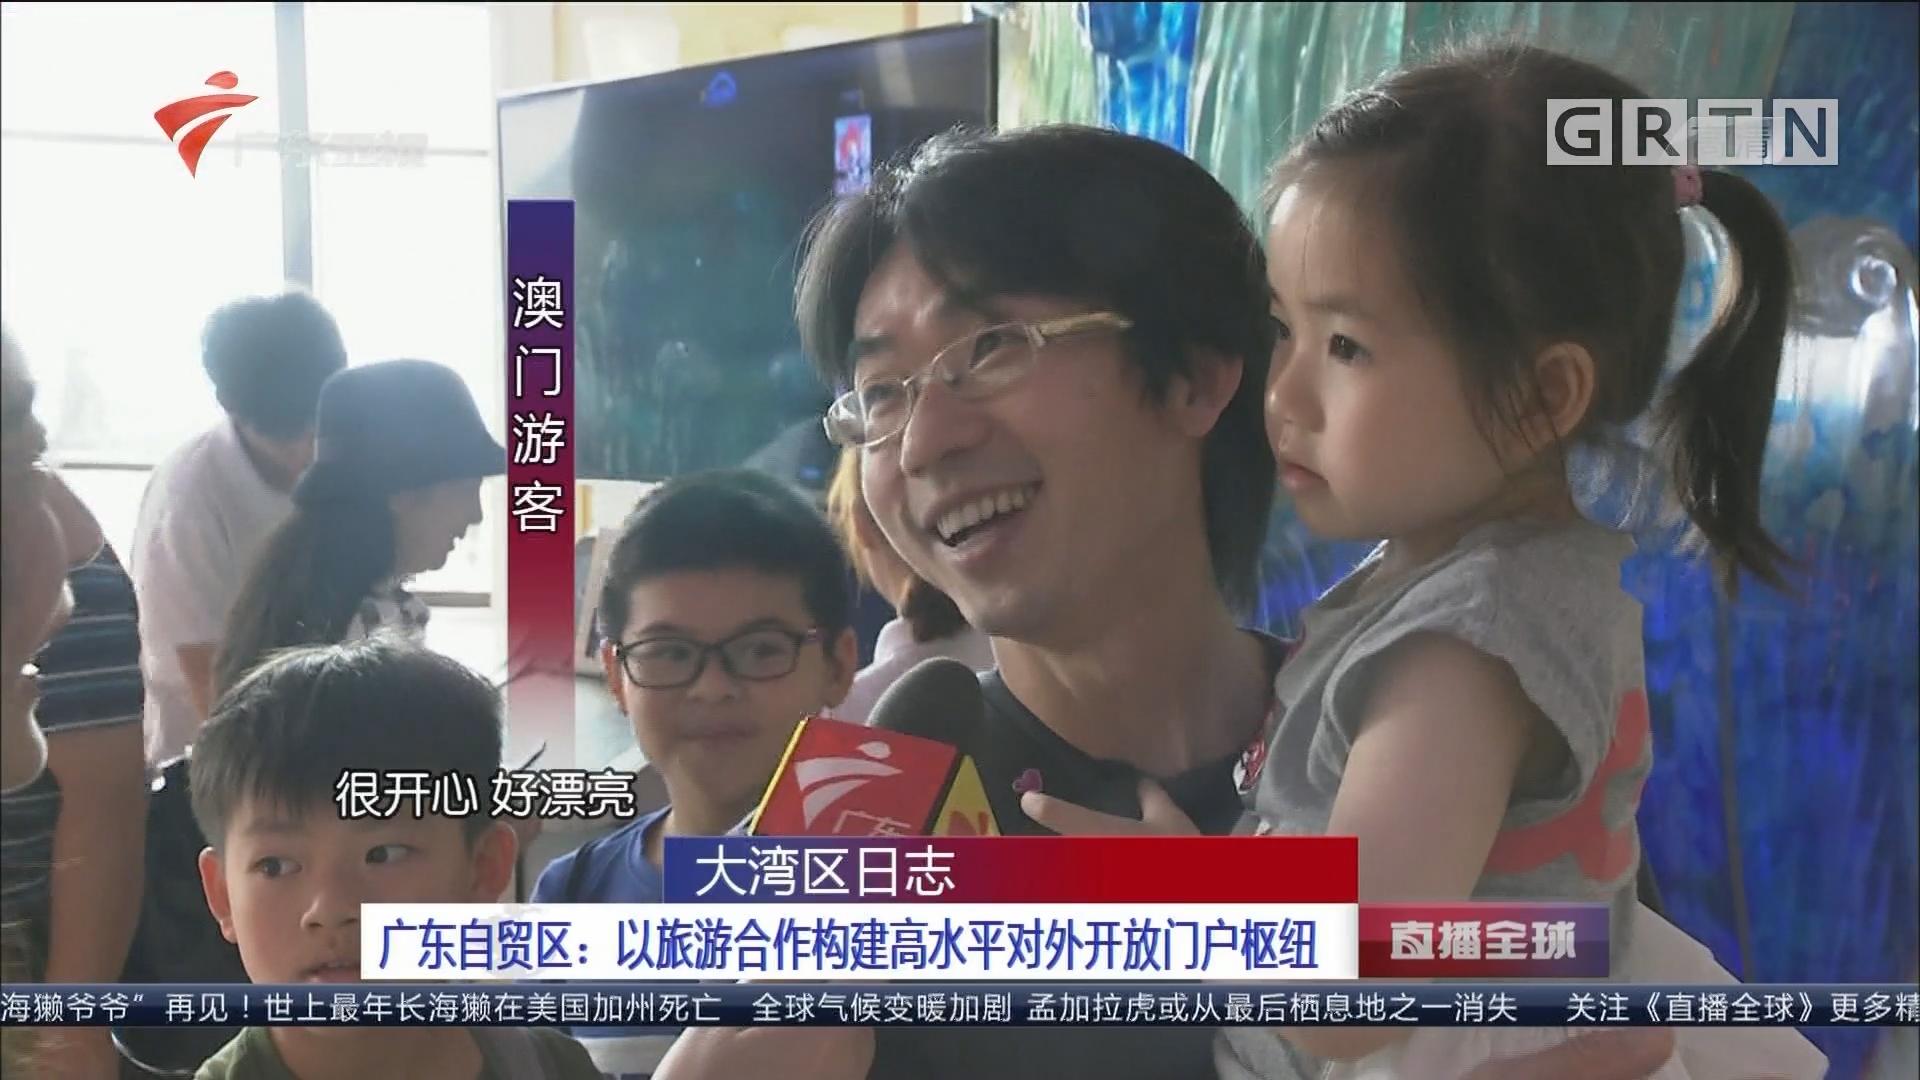 大湾区日志 广东自贸区:以旅游合作构建高水平对外开放门户枢纽